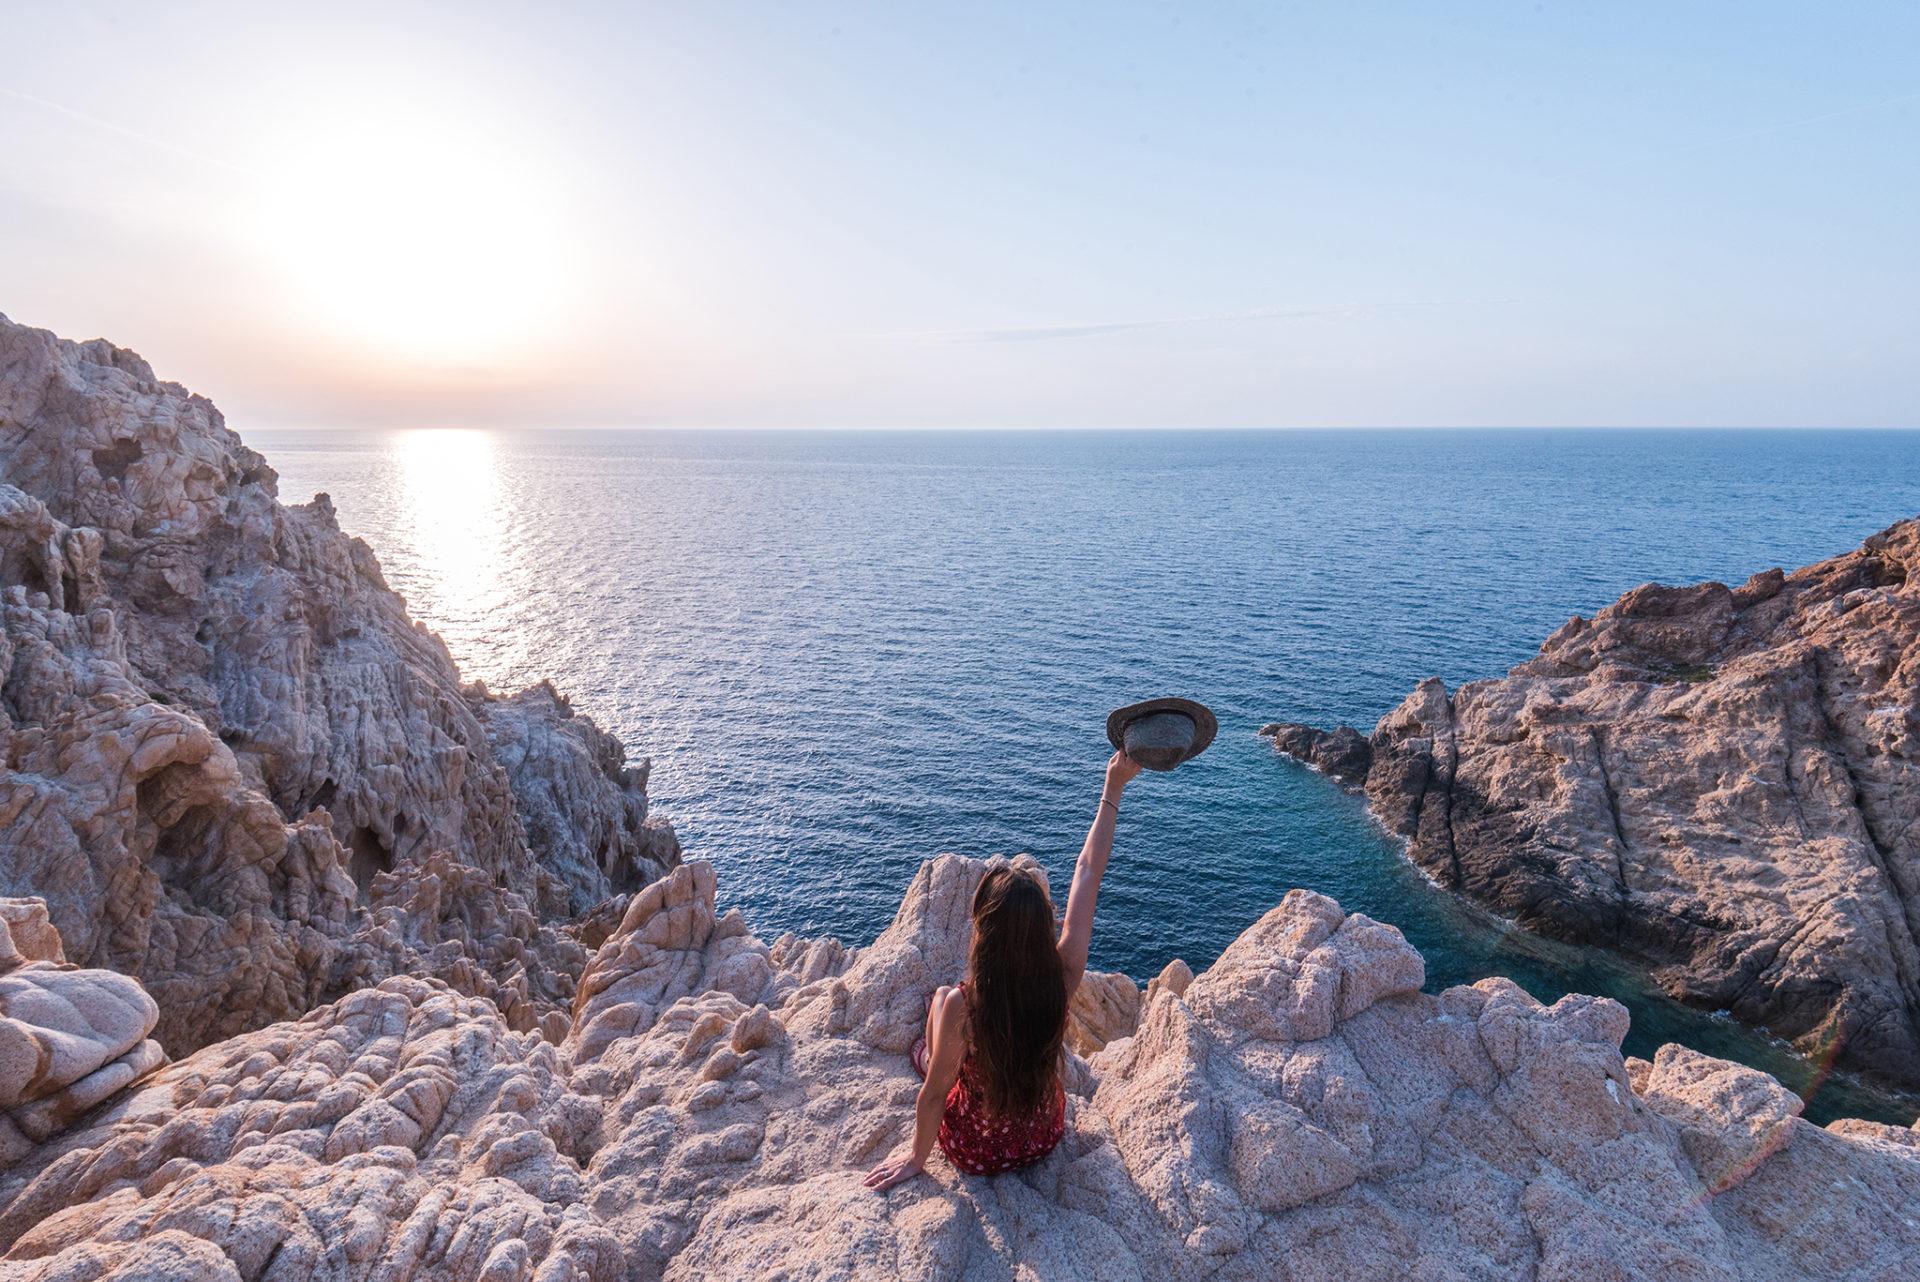 Ile rousse en corse pour des coucher de soleil fabuleux - Les plus beaux coucher de soleil sur la mer ...